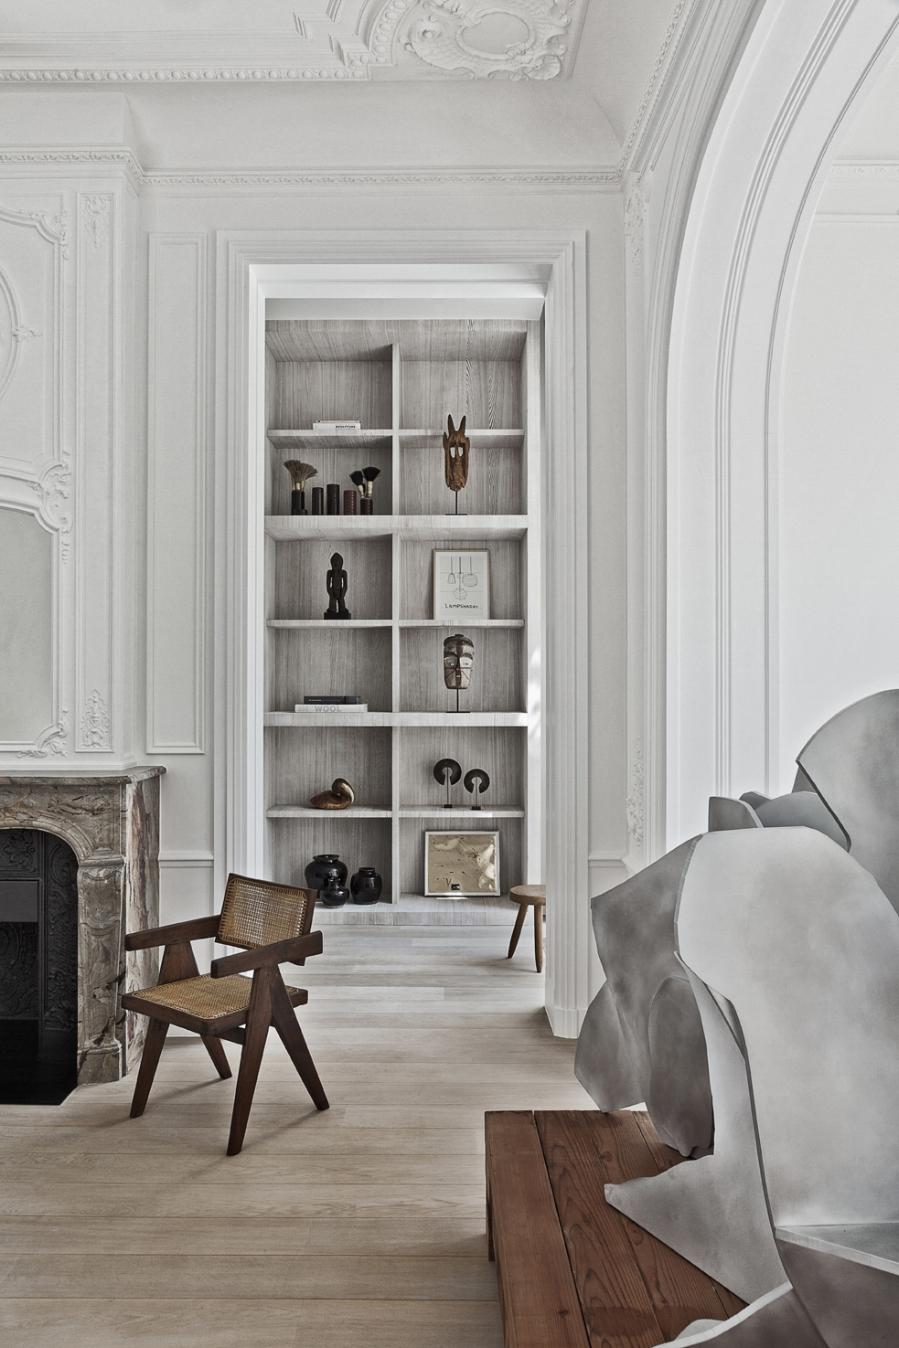 Olivier-Dwek-Architecture-Interior-Inspiration-7.jpg